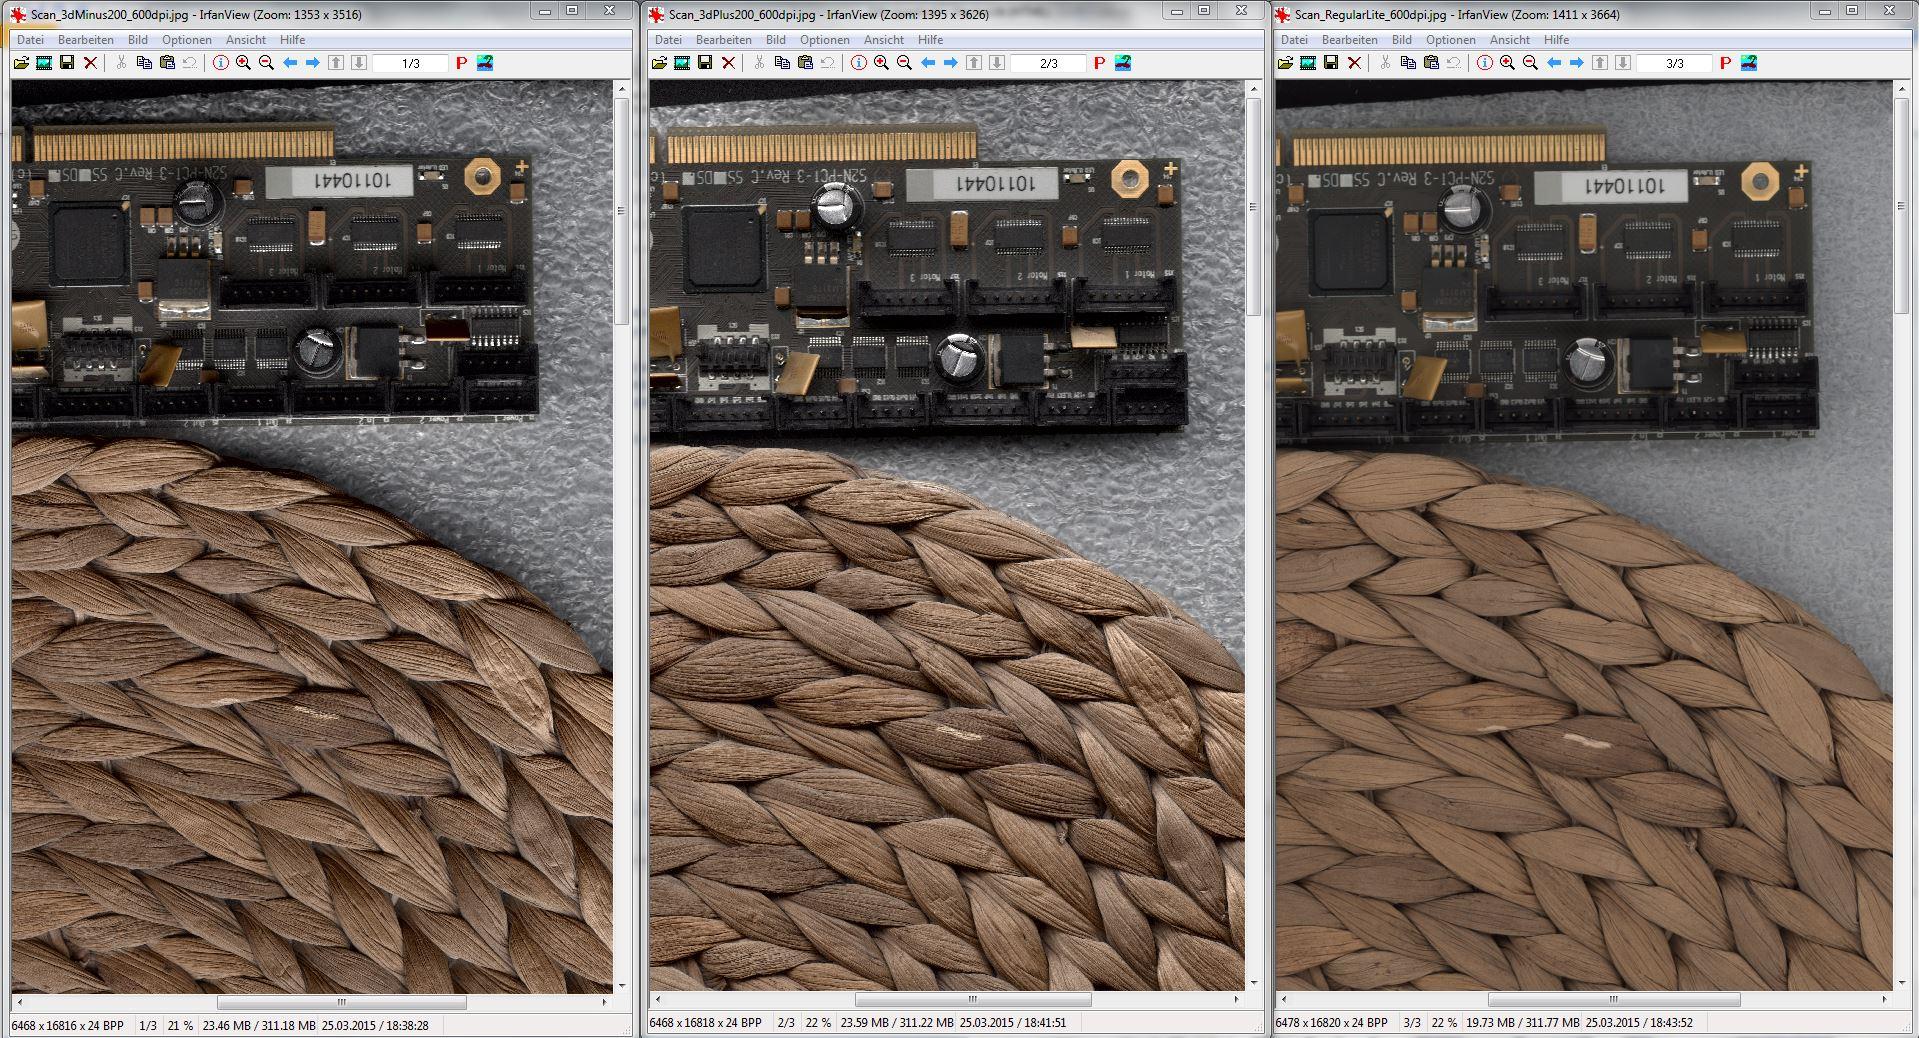 藤垫及电路板图像是以600 DPI扫描